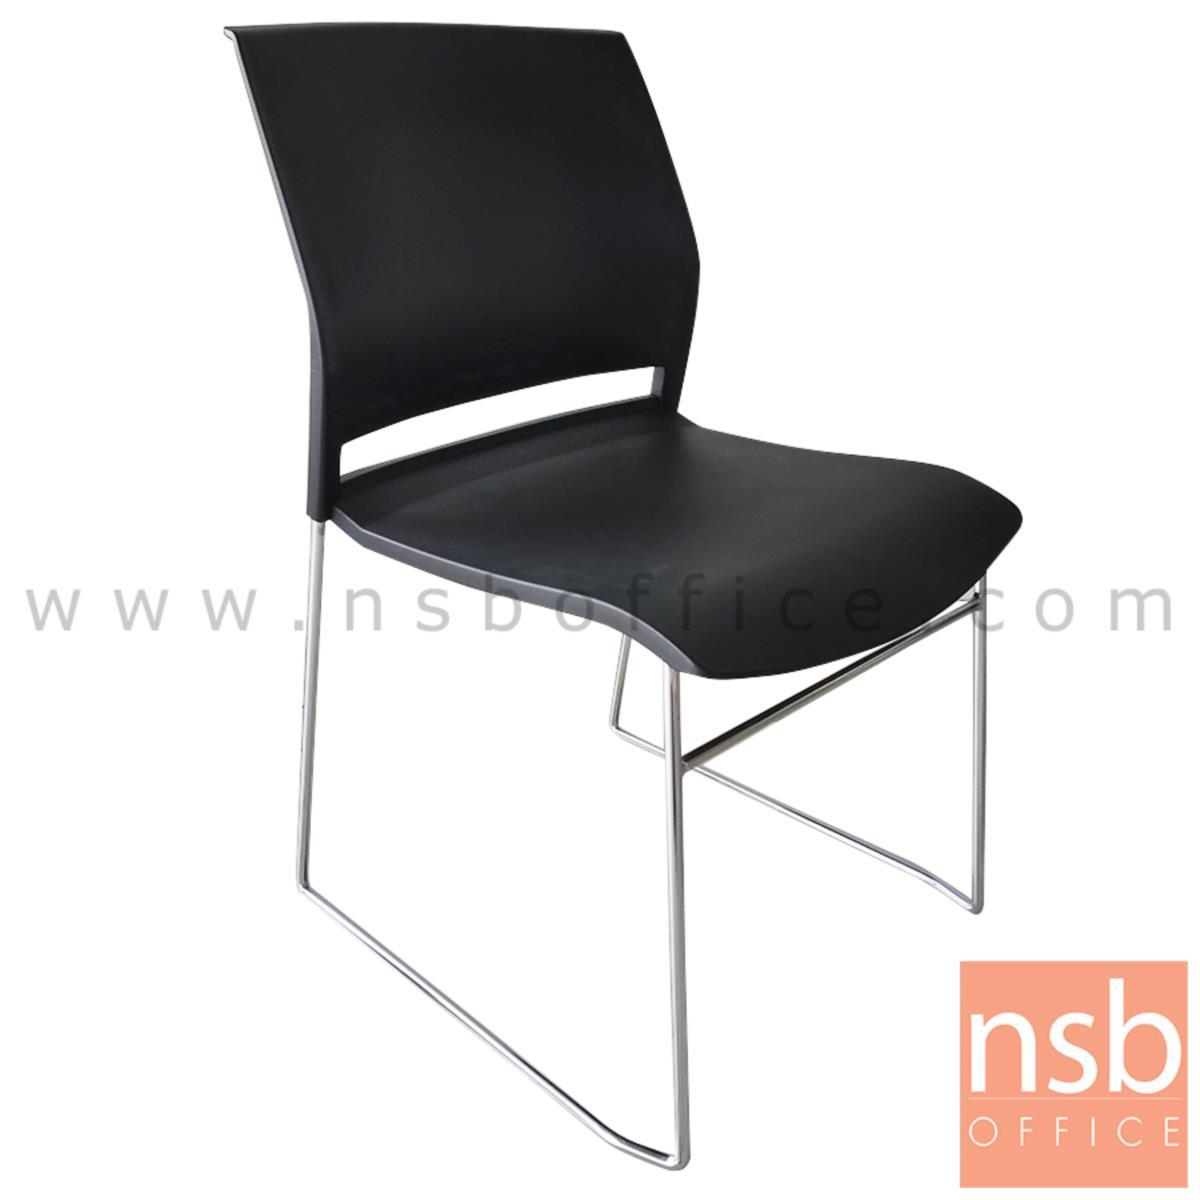 B05A179:เก้าอี้อเนกประสงค์เฟรมโพลี่ รุ่น Ares (แอรีส)   ขาเหล็กเพลาตัน